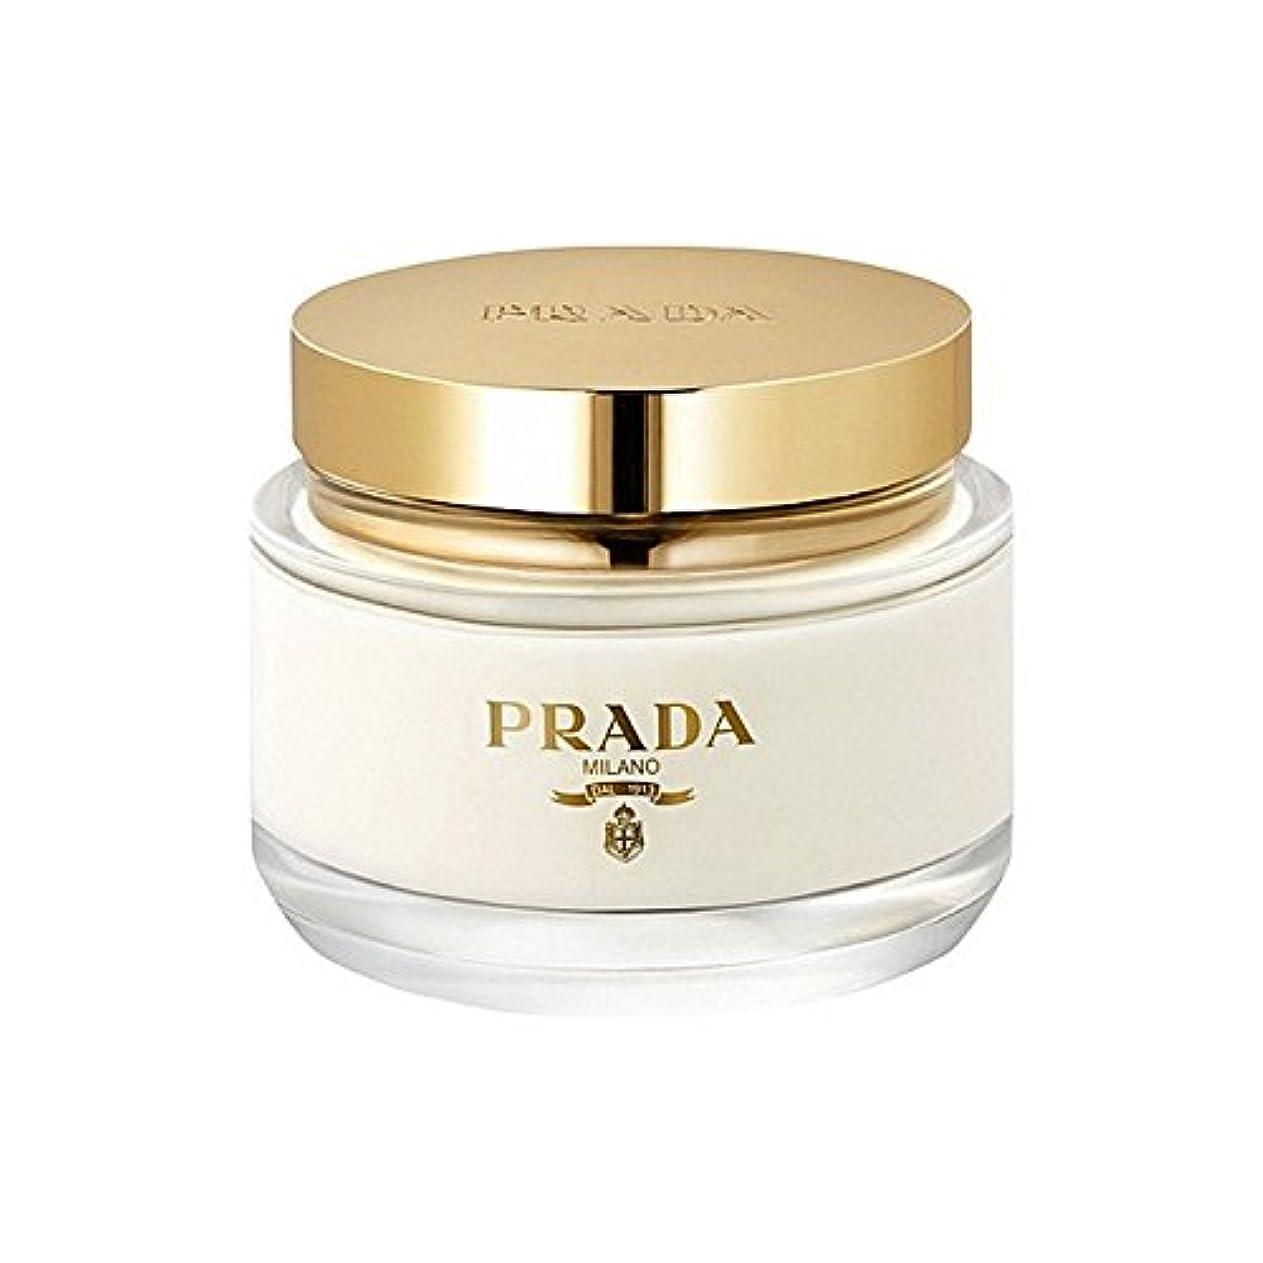 締める教師の日サイレントPrada La Femme Body Cream 200ml (Pack of 6) - プラダラファムボディクリーム200ミリリットル x6 [並行輸入品]